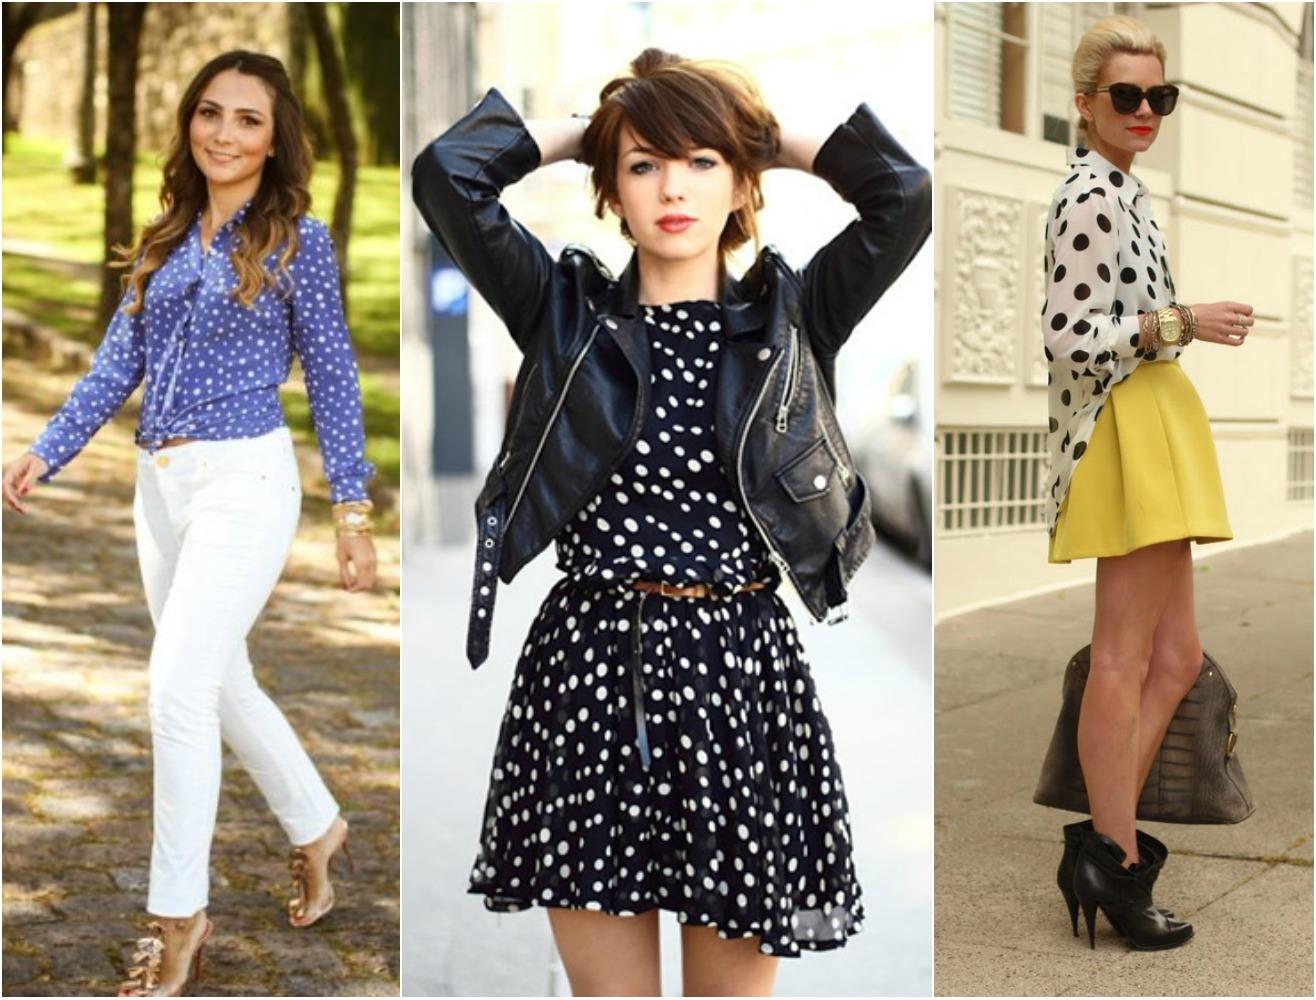 blog de moda moda sobre moda moda moda vero